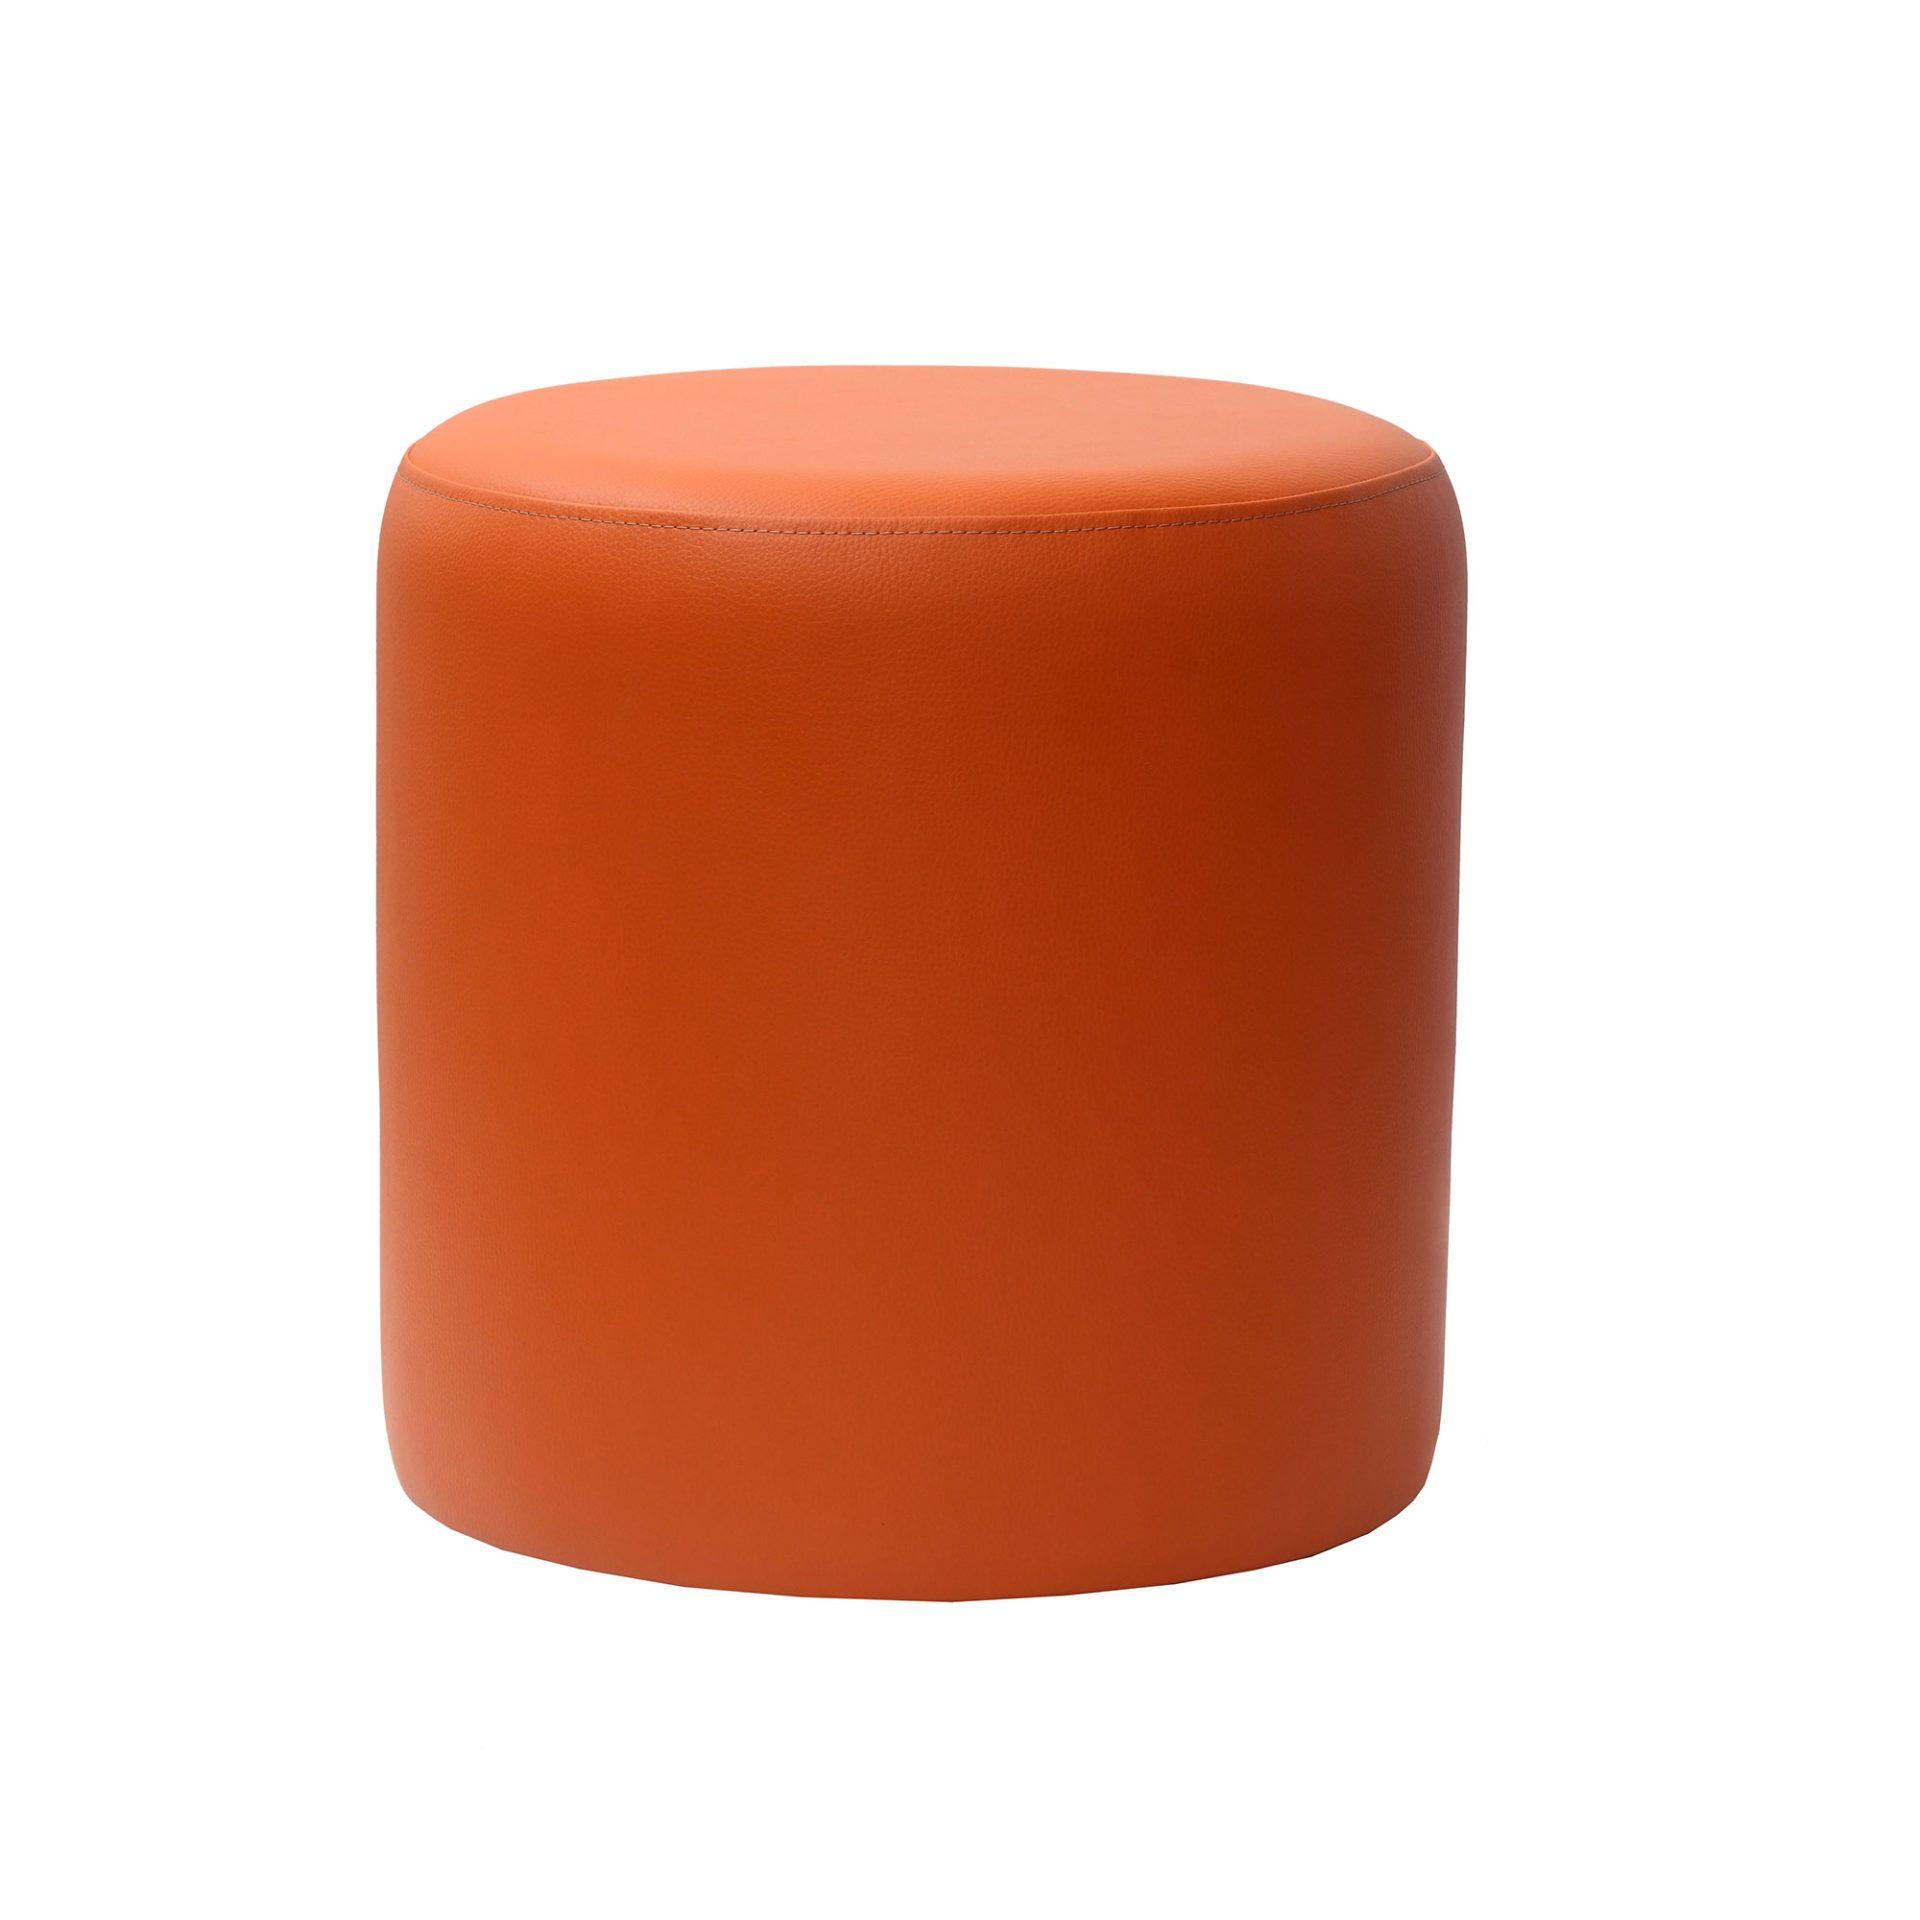 roundottoman orange